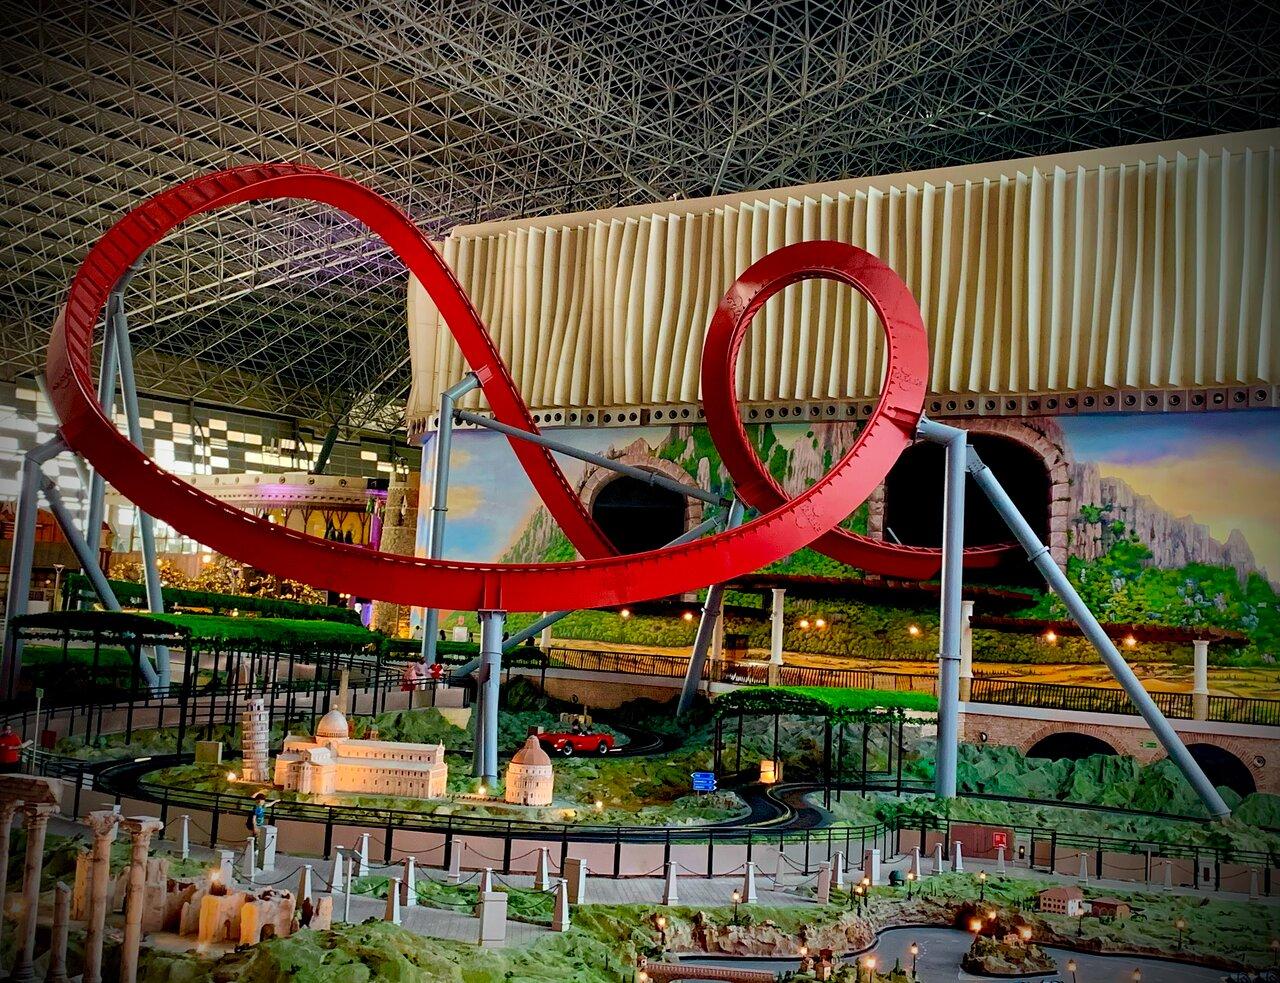 الطائر الطنان مرح شركتنا Abu Dhabi Ferrari Roller Coaster Tickets Cabuildingbridges Org